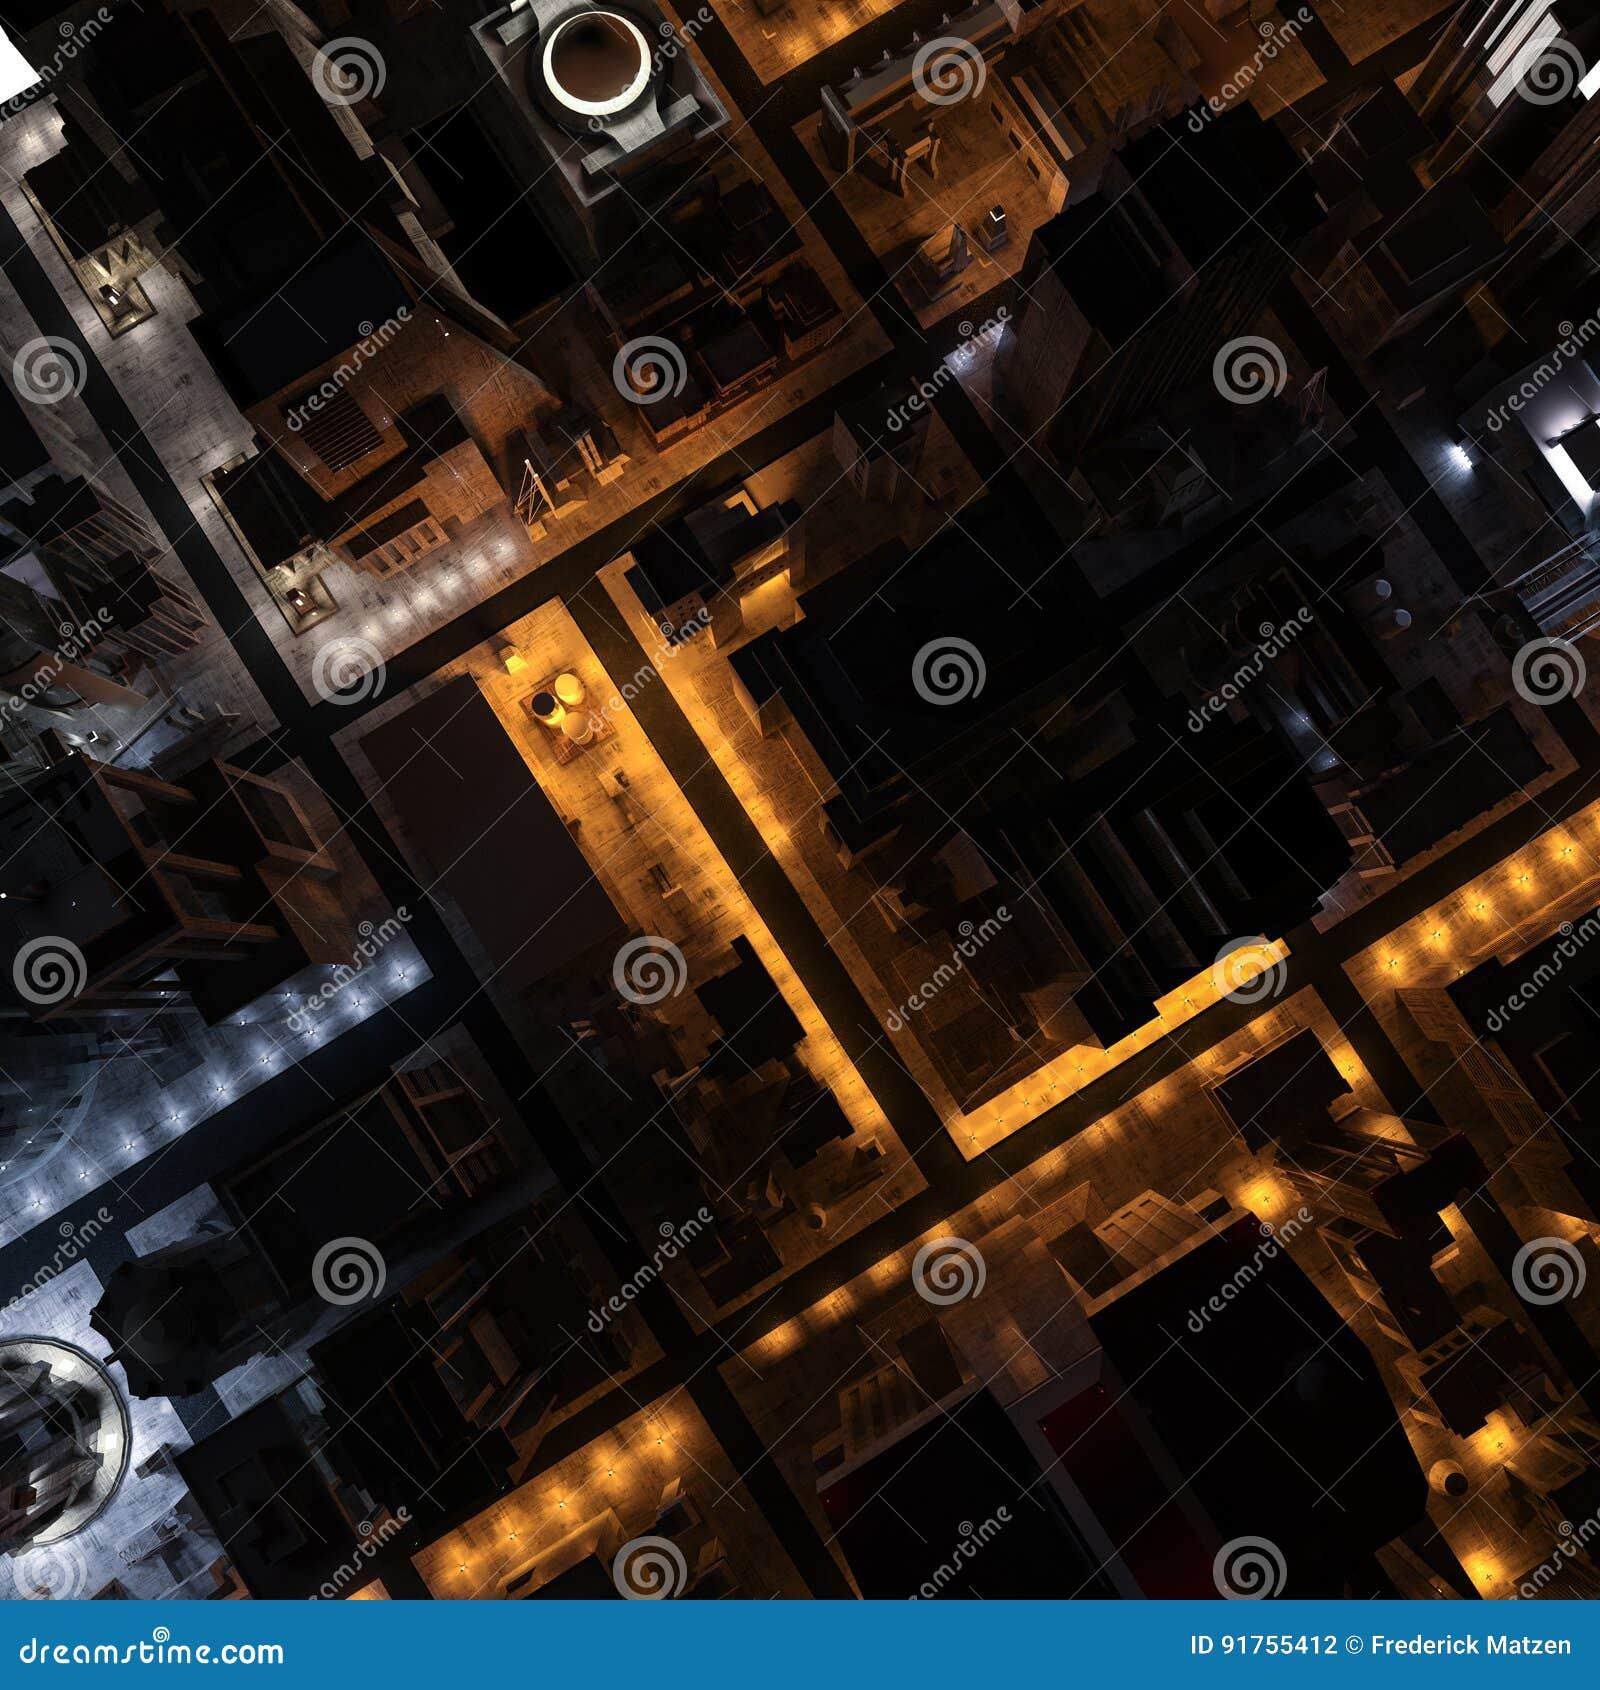 3D image - vue aérienne de ville la nuit